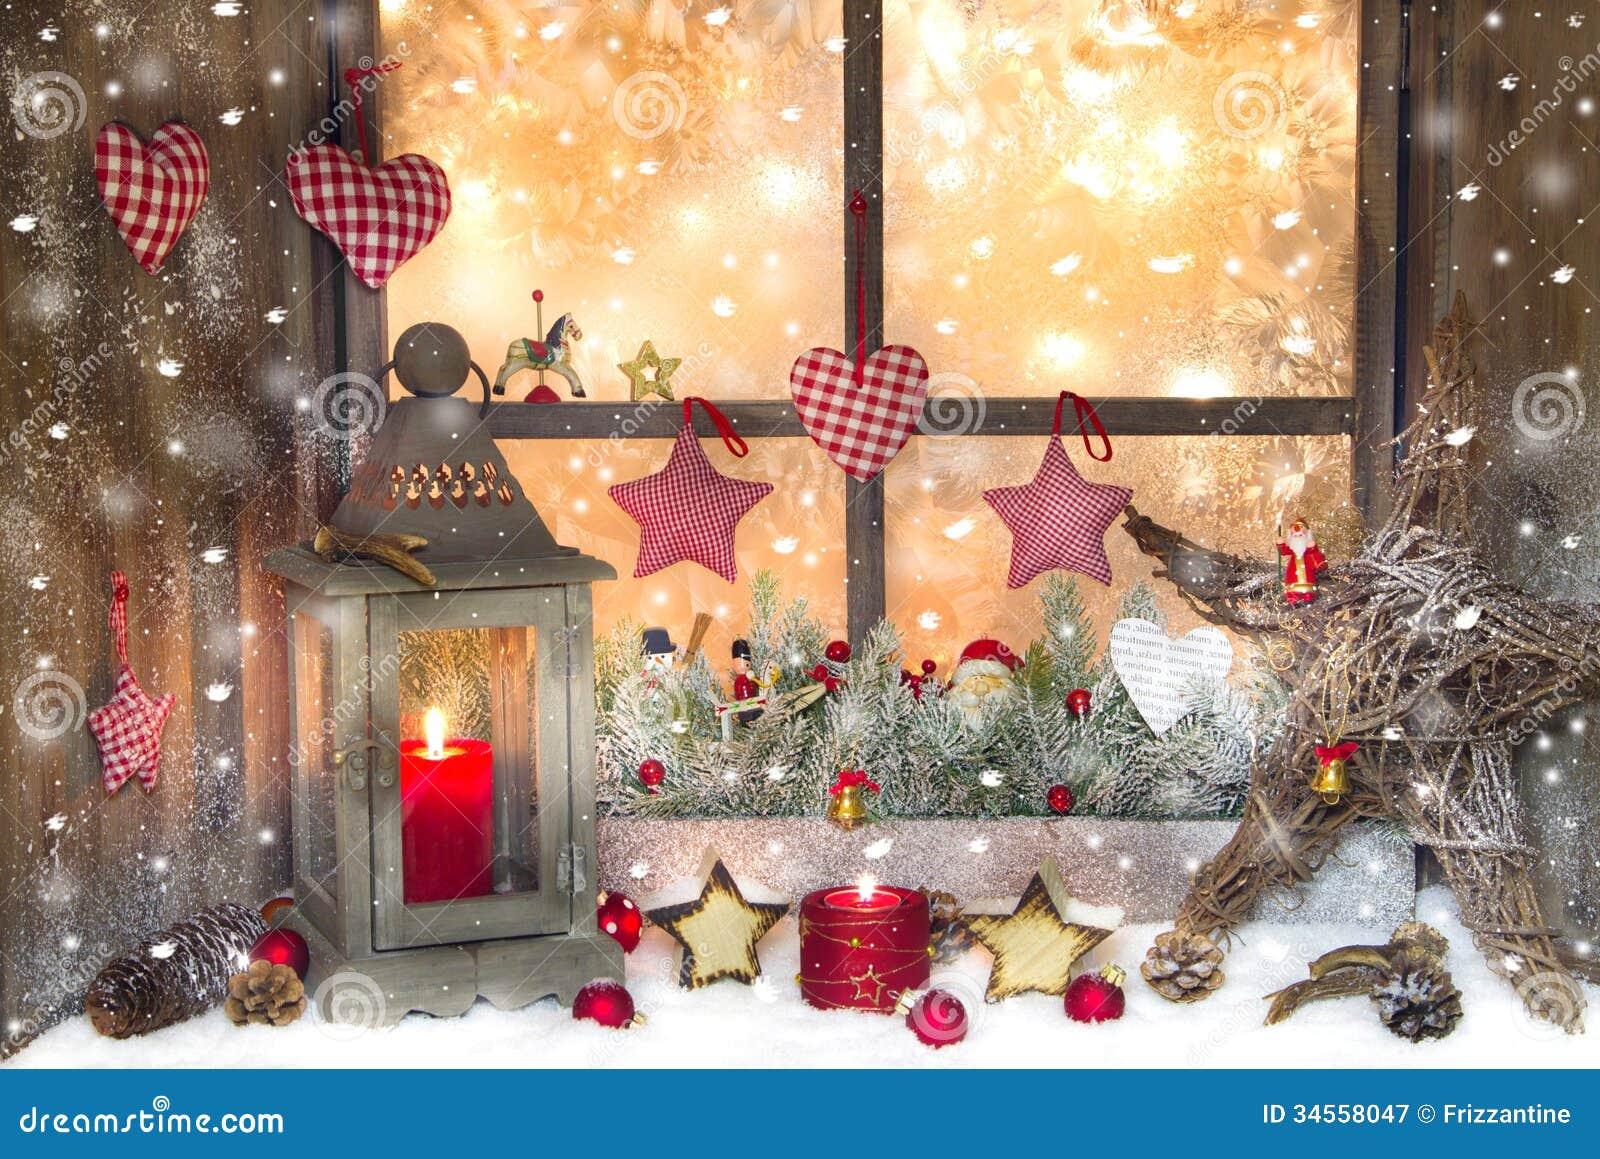 Decorazione rossa di natale con la lanterna sul davanzale - Addobbi finestra natale ...